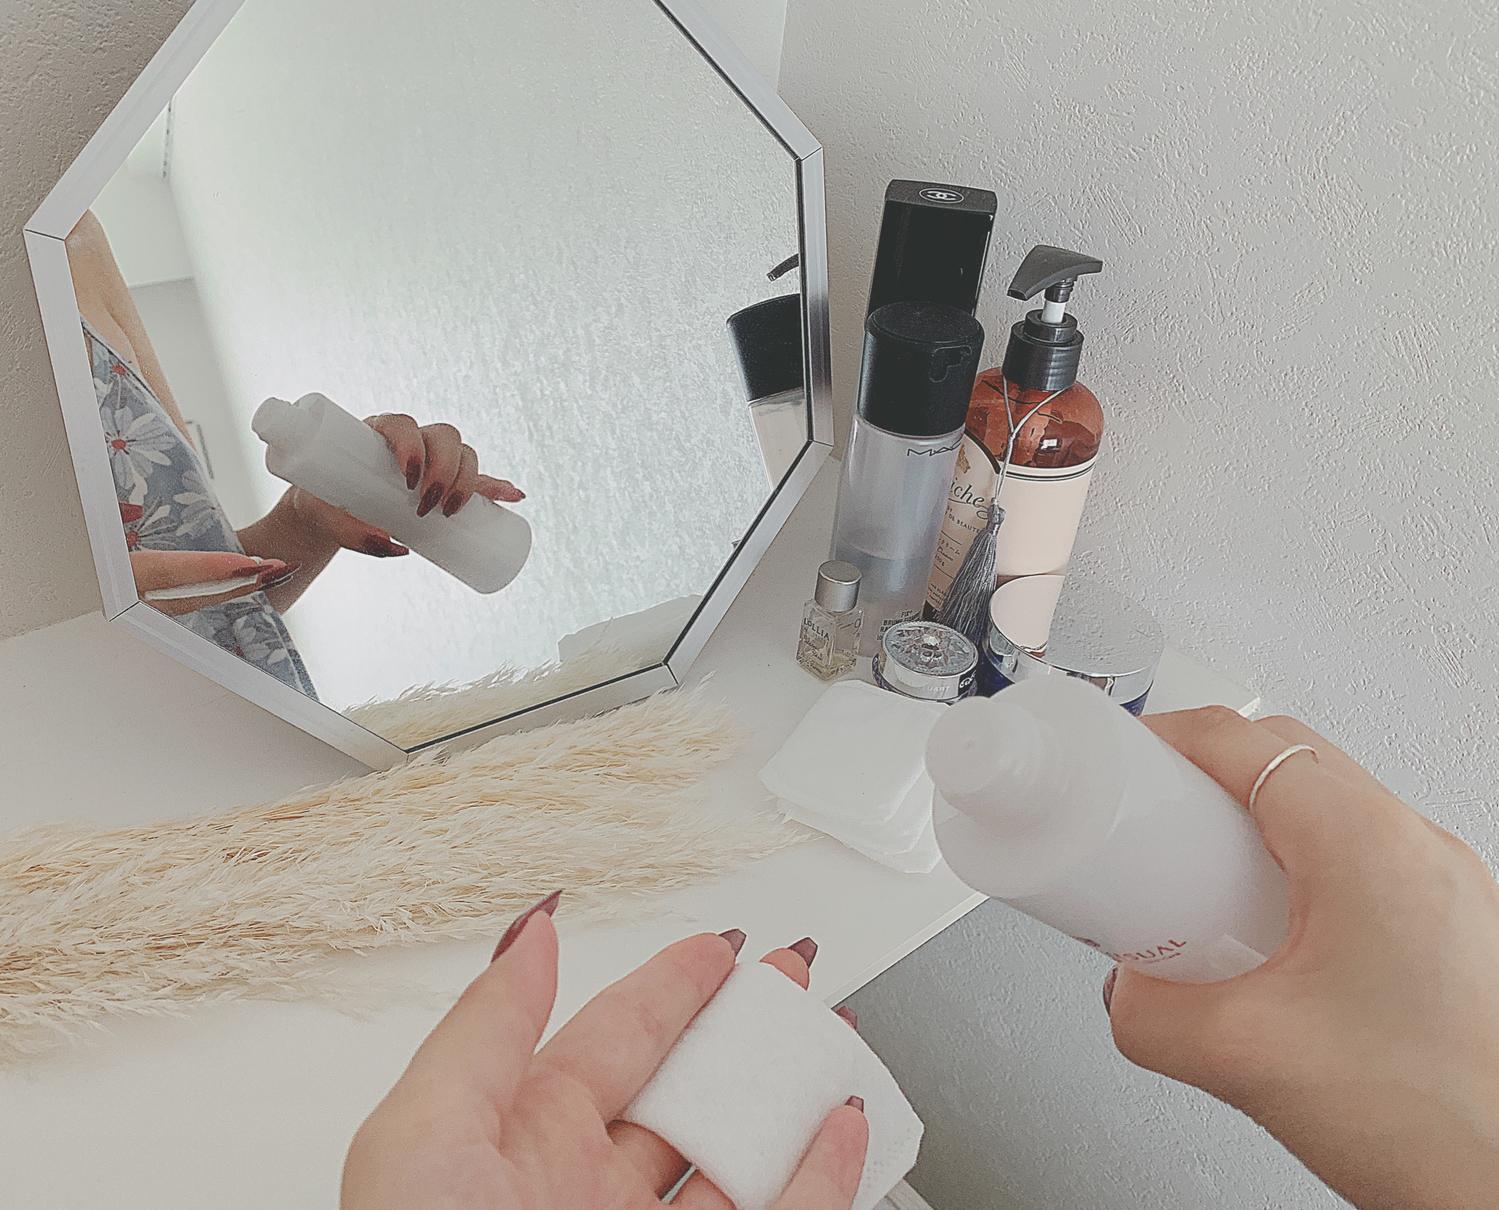 化粧水をコットンに浸している様子